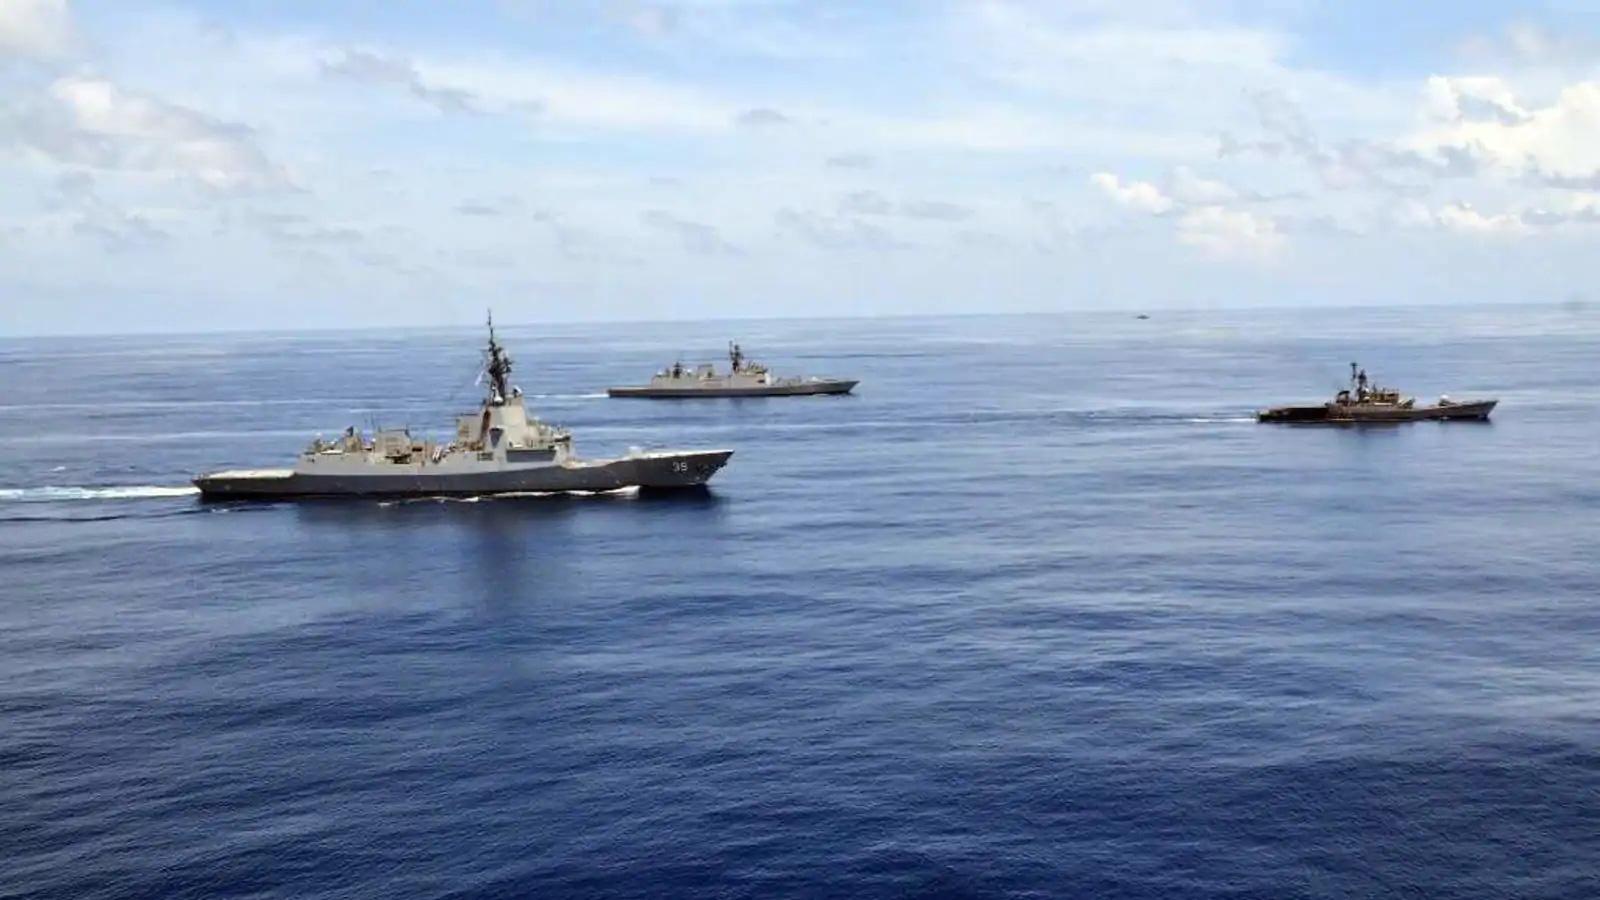 Ấn Độ bắt tay Mỹ chặn đứng tham vọng của Trung Quốc trên biển như thế nào? - Ảnh 2.